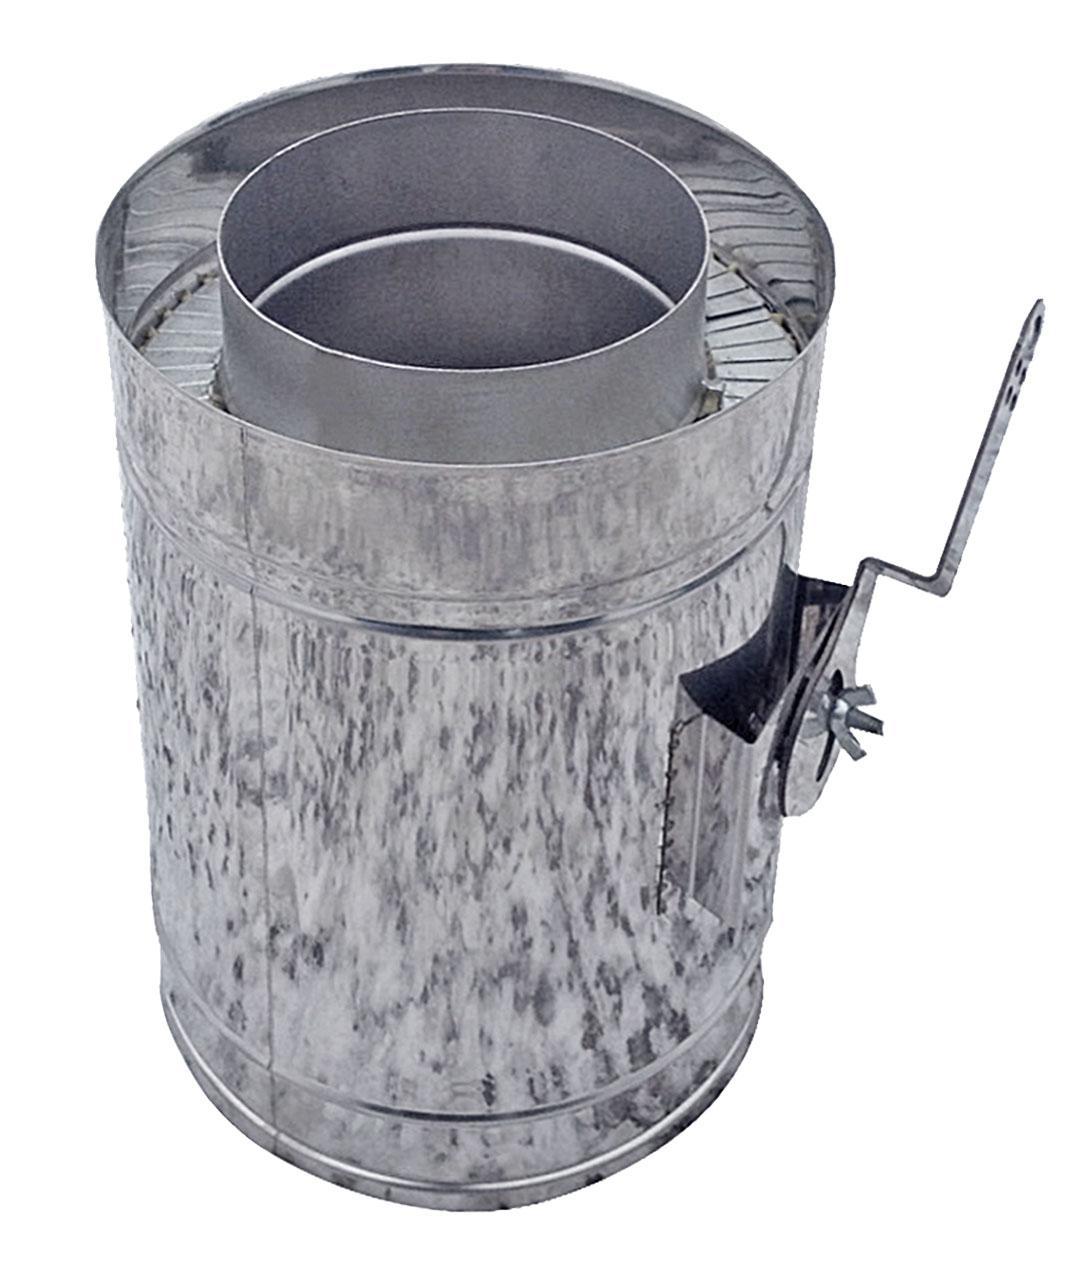 Регулятор тяги для дымохода двустенный нерж/нерж Версия Люкс D-400/460 толщ. 0,6 мм